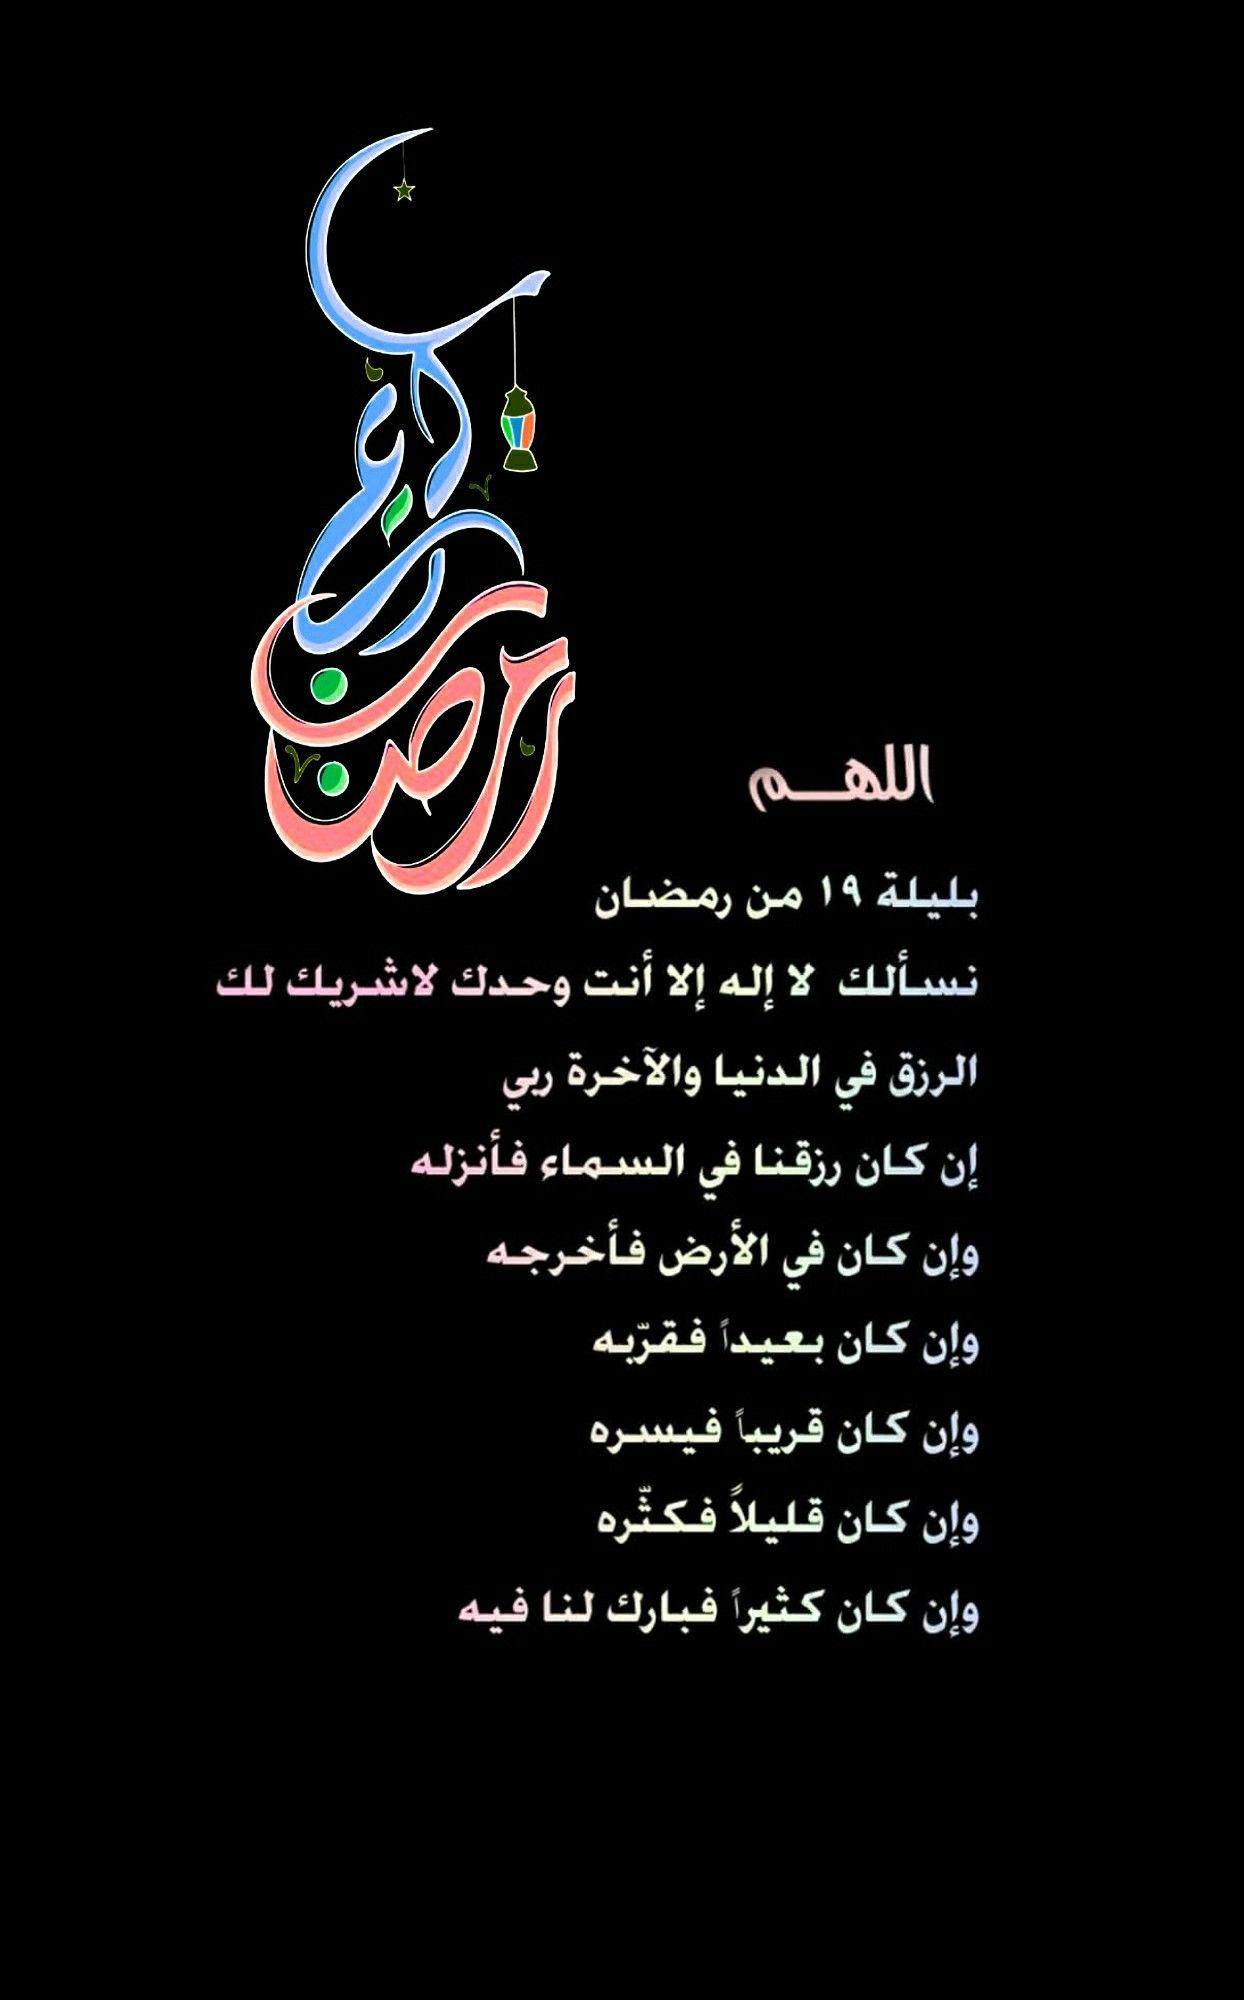 اللهــــم بليلة ١٩ من رمضان نسألك لا إله إلا أنت وحدك لاشريك لك الرزق في الدنيا والآخرة ربي اللهم إن كان رزقنا Ramadan Day Ramadan Cards Ramadan Greetings